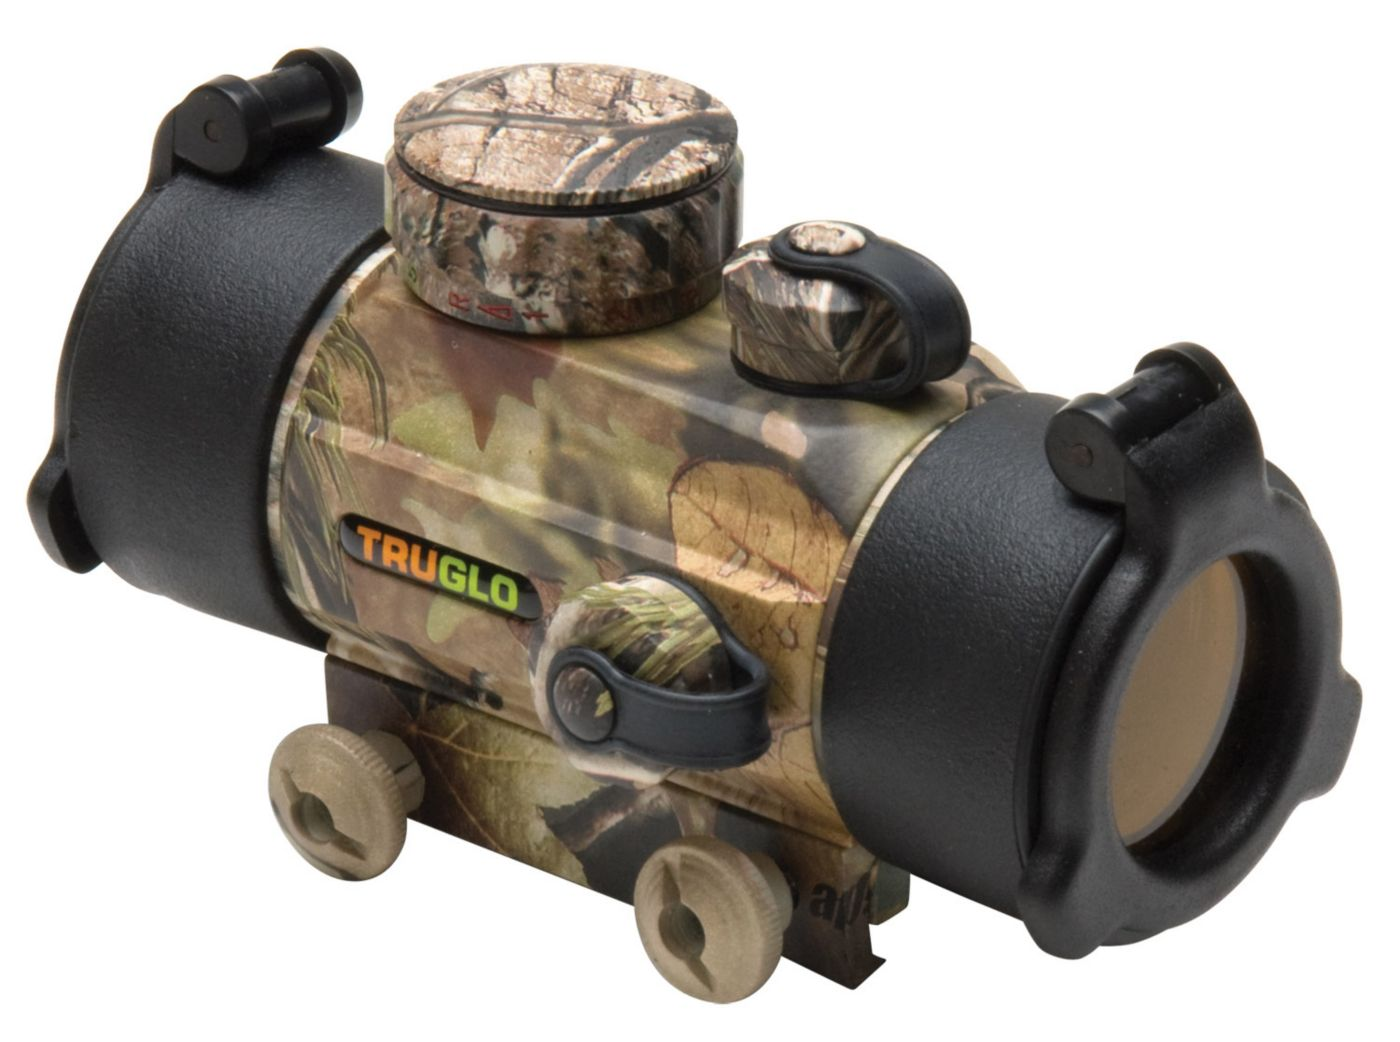 TRUGLO 30mm Red Dot Sight - Realtree Camo